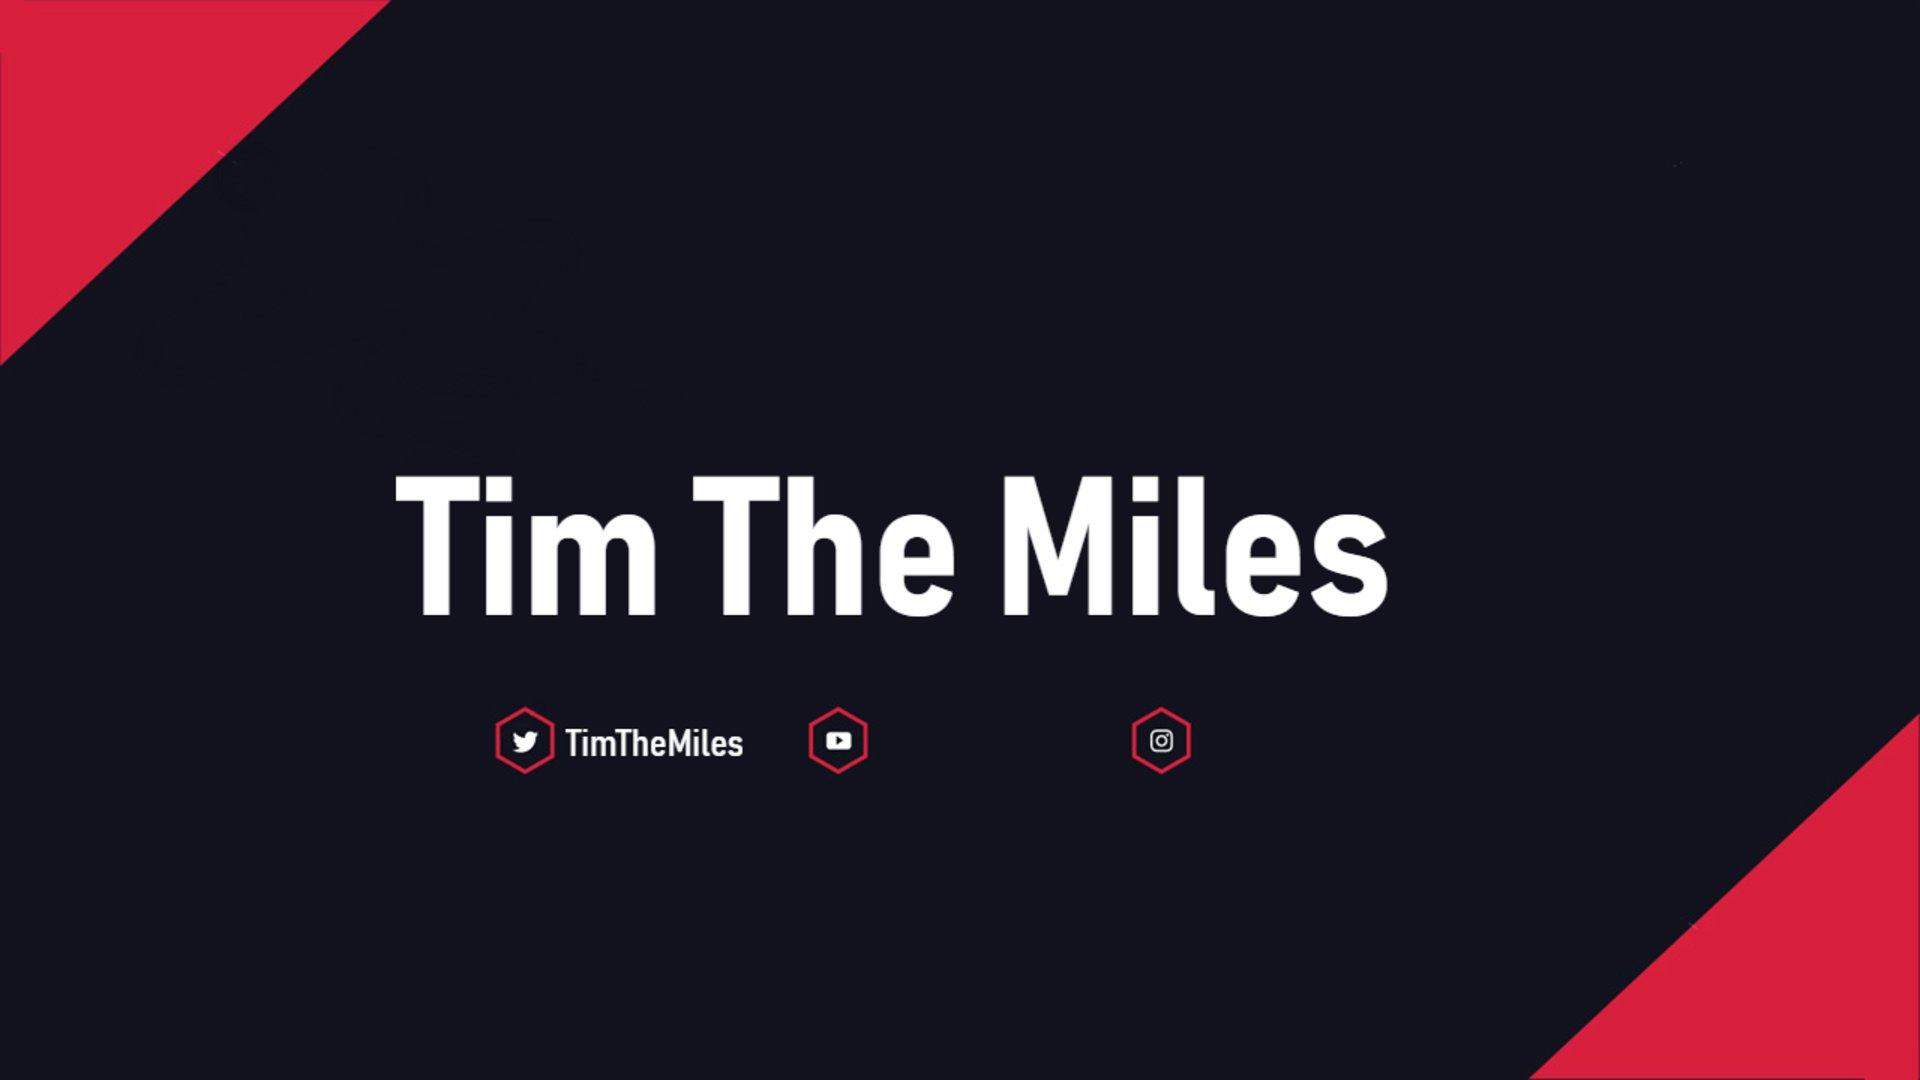 timthemiles